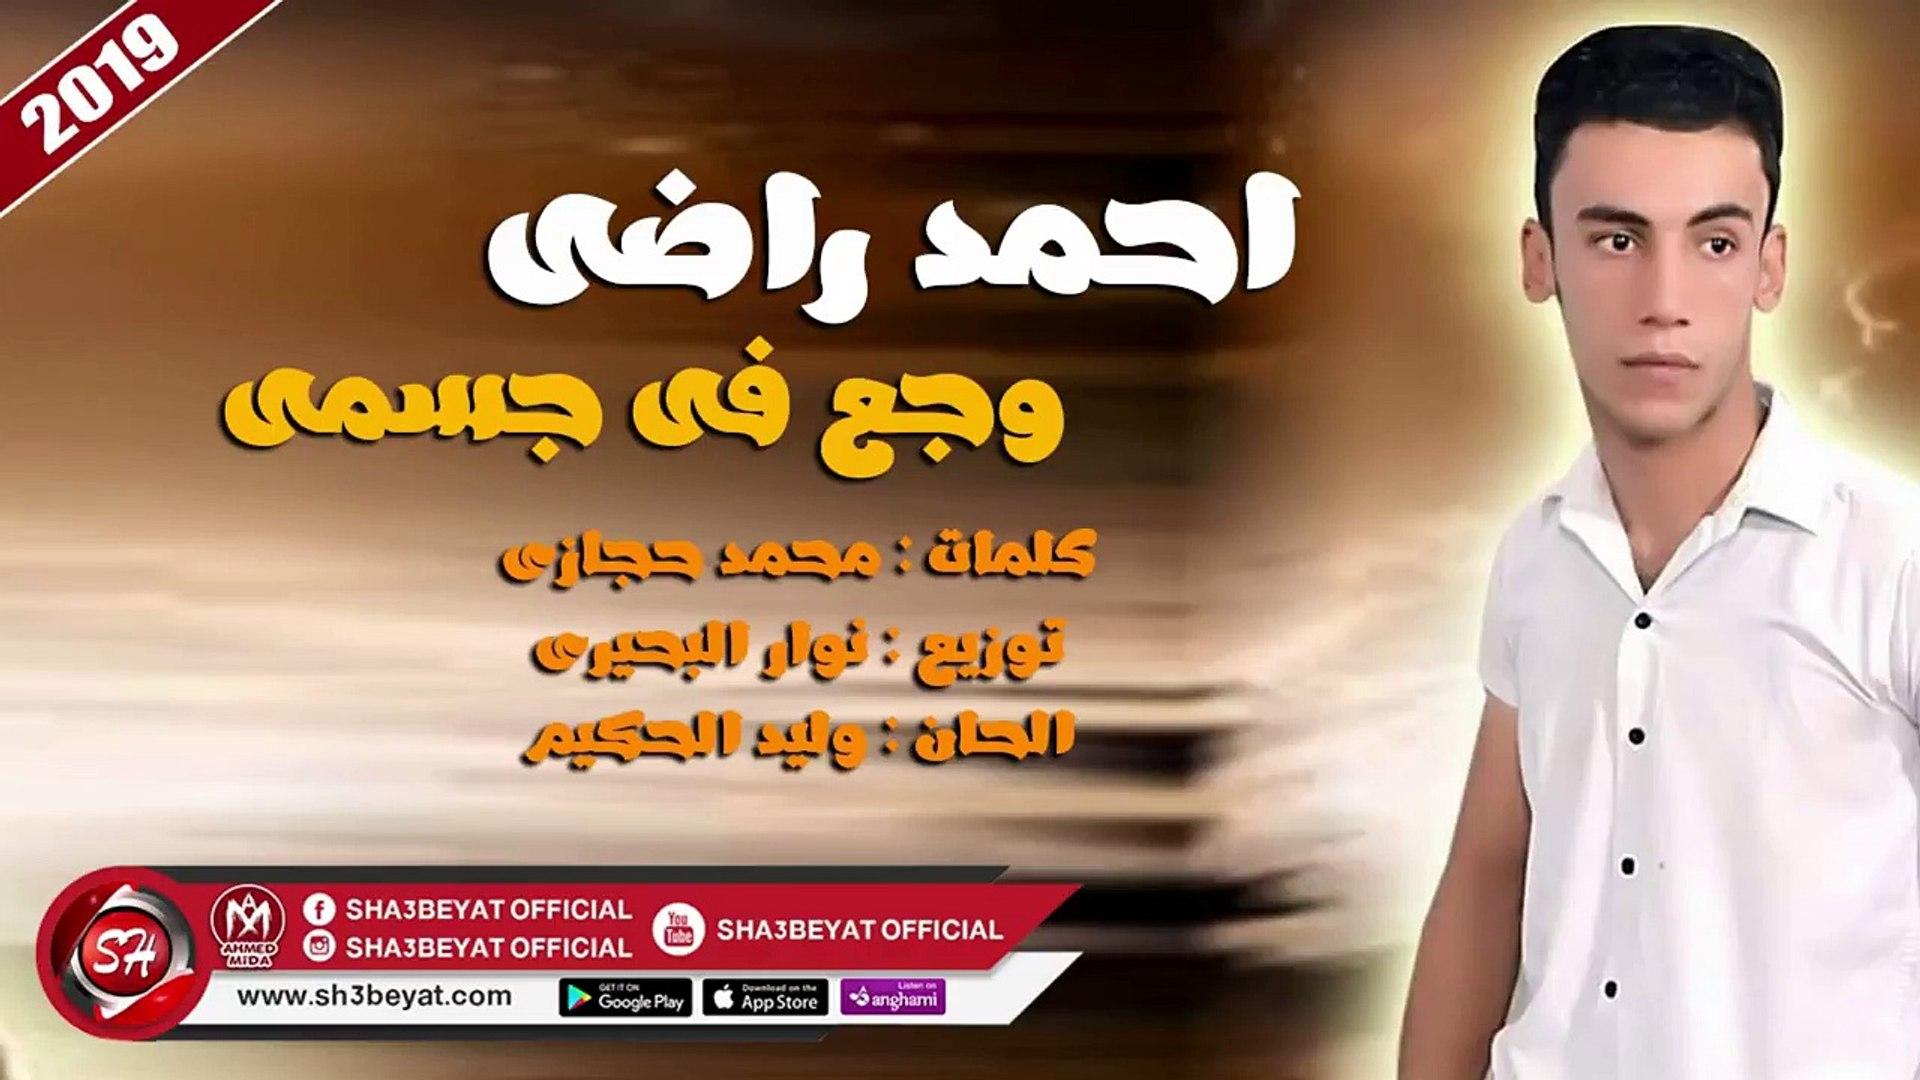 احمد راضى اغنية وجع فى جسمى 2019 على شعبيات AHMED RADY - WAG3 FE GESMY